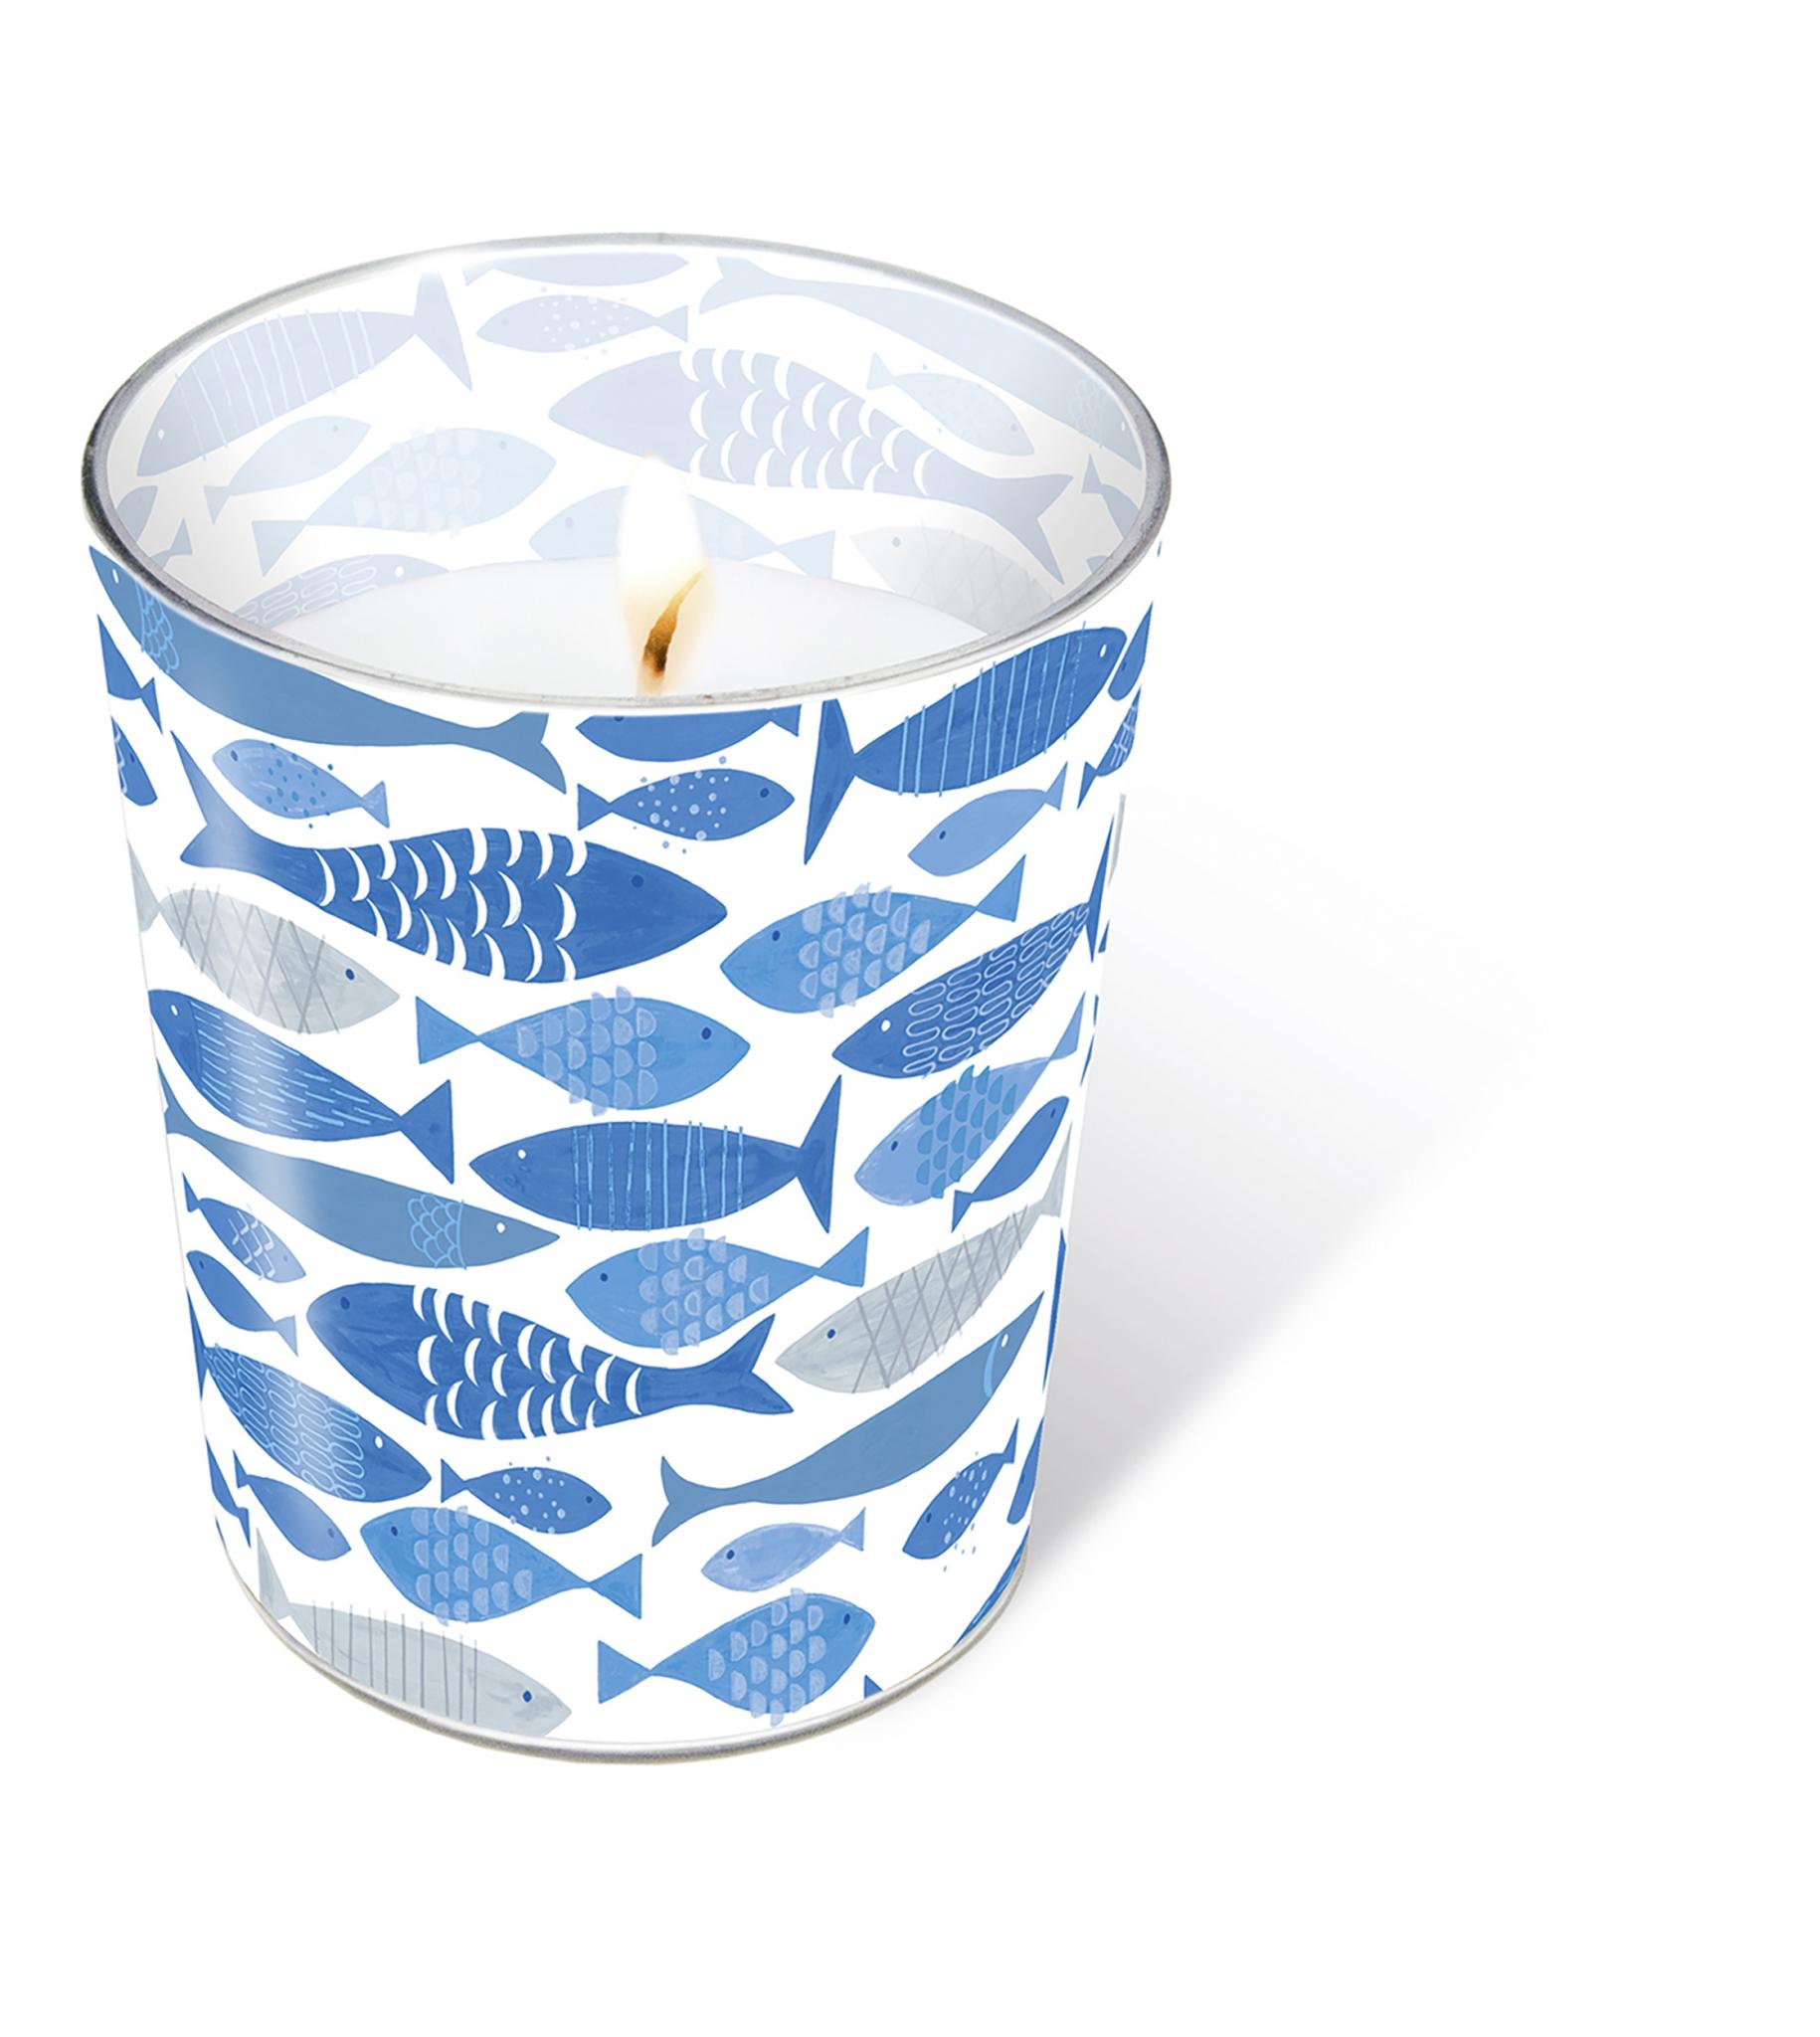 świeca szklana - Glaskerze Shoal of fish